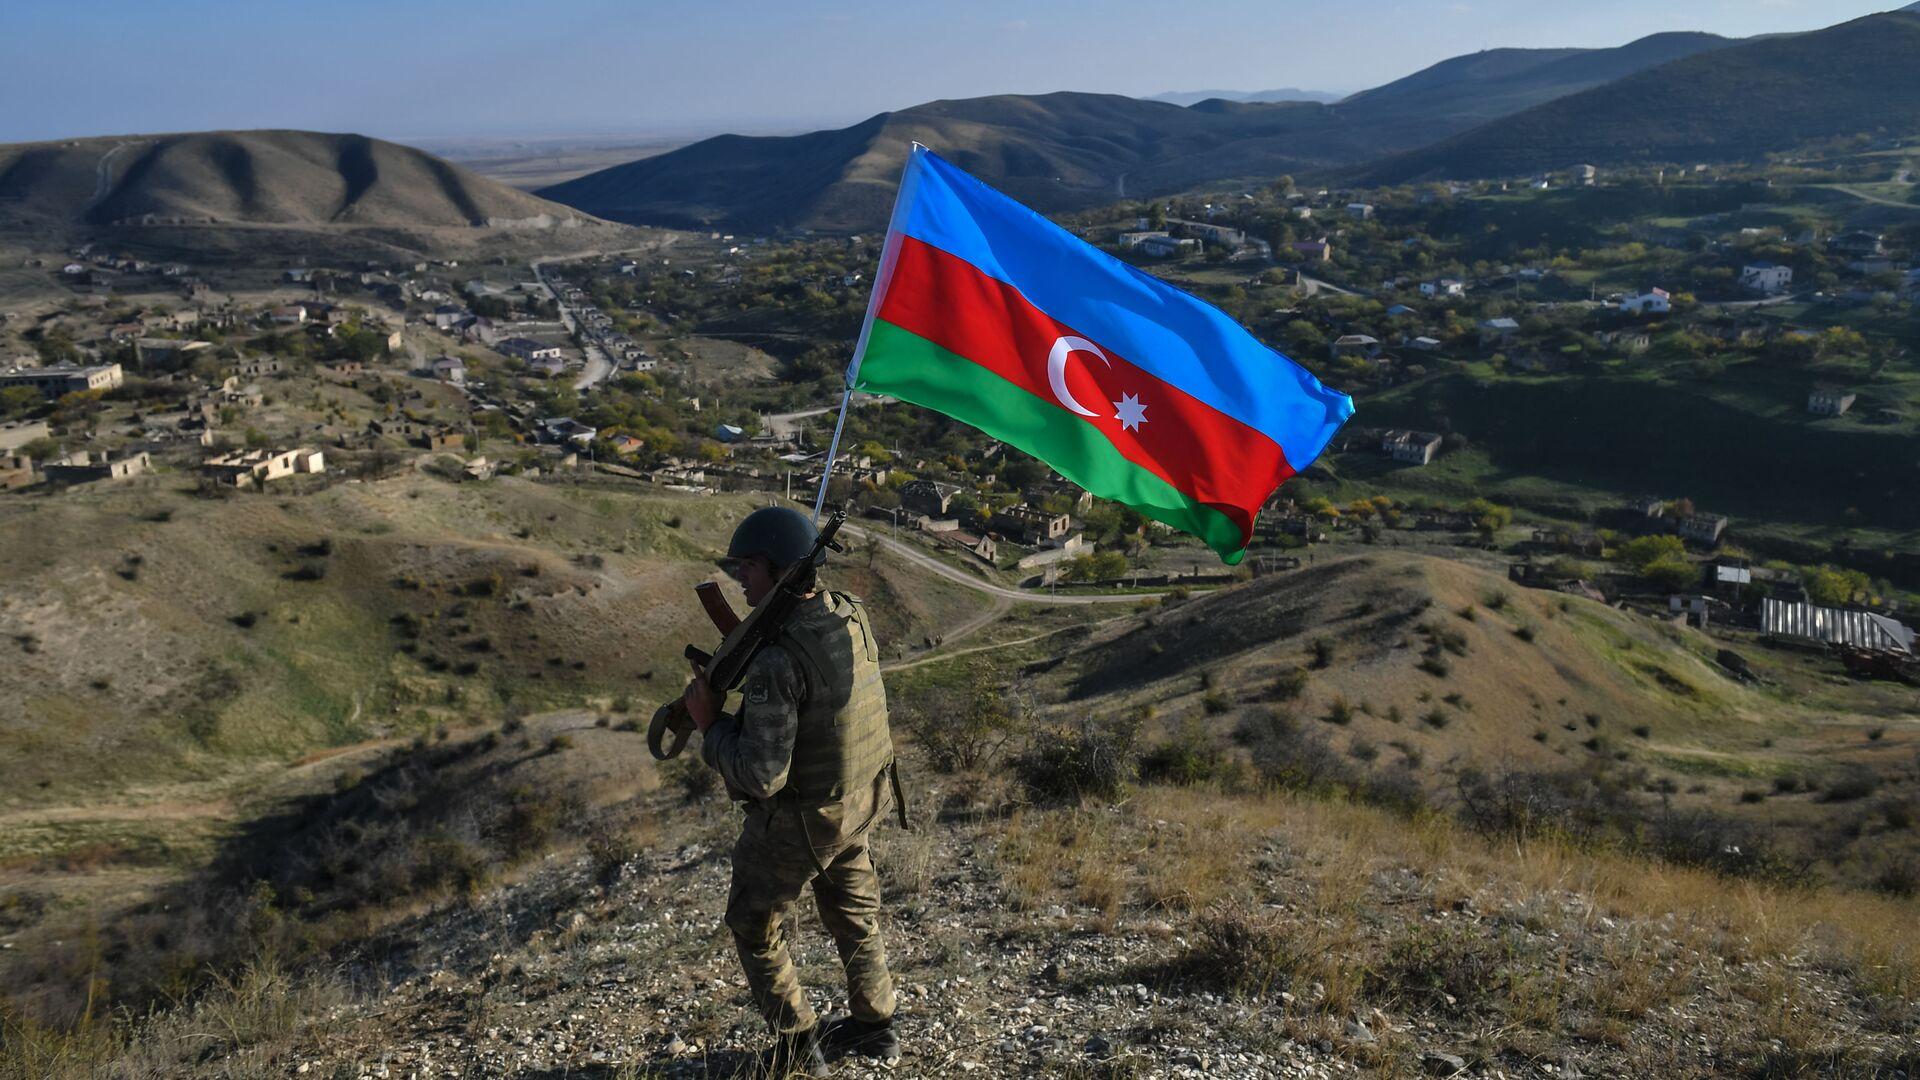 Азербайджанские военнослужащие, фото из архива - Sputnik Azərbaycan, 1920, 12.09.2021